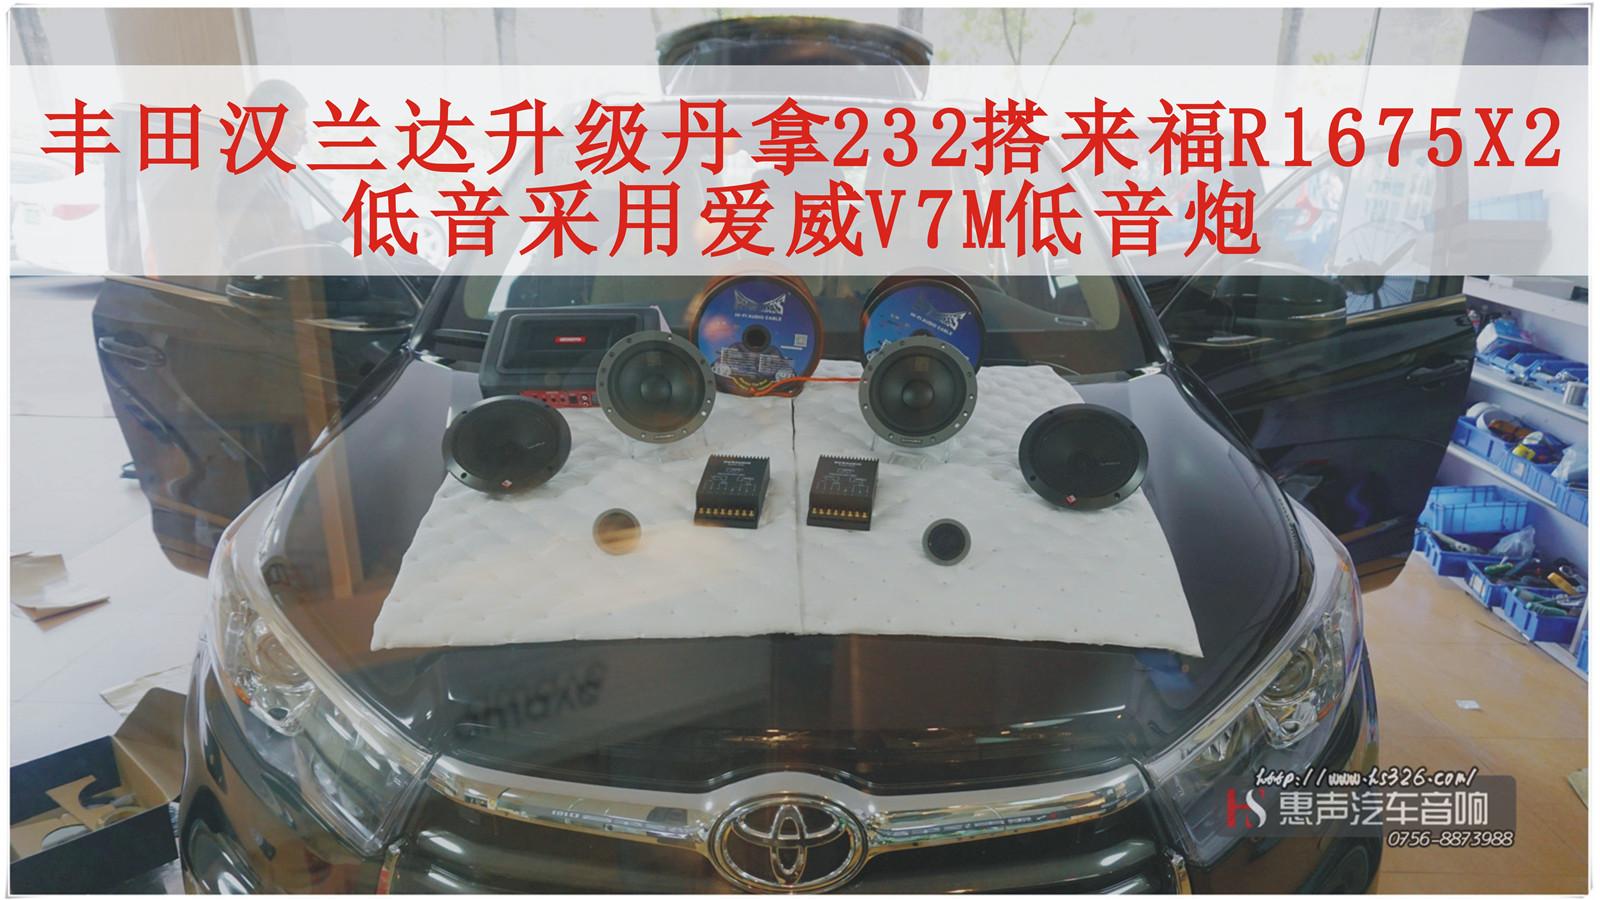 丰田汉兰达无损升级丹麦丹拿ESOTAN 232搭配来福R1675X2,低音采用爱威V7M低音炮